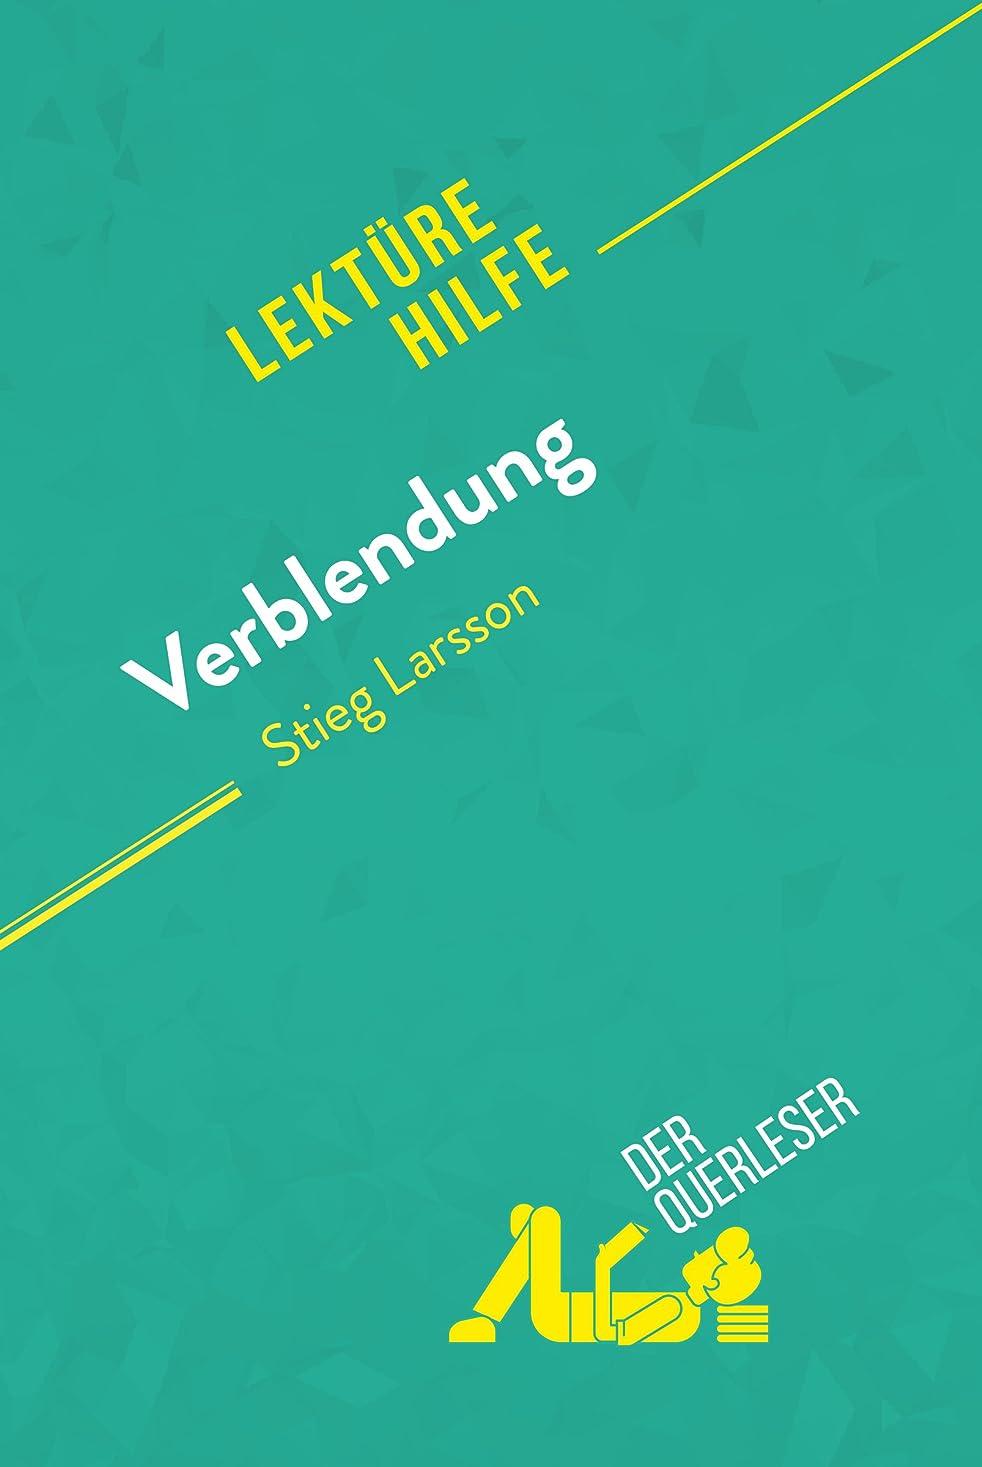 ダンプマルクス主義者油Verblendung von Stieg Larsson (Lektürehilfe): Detaillierte Zusammenfassung, Personenanalyse und Interpretation (German Edition)